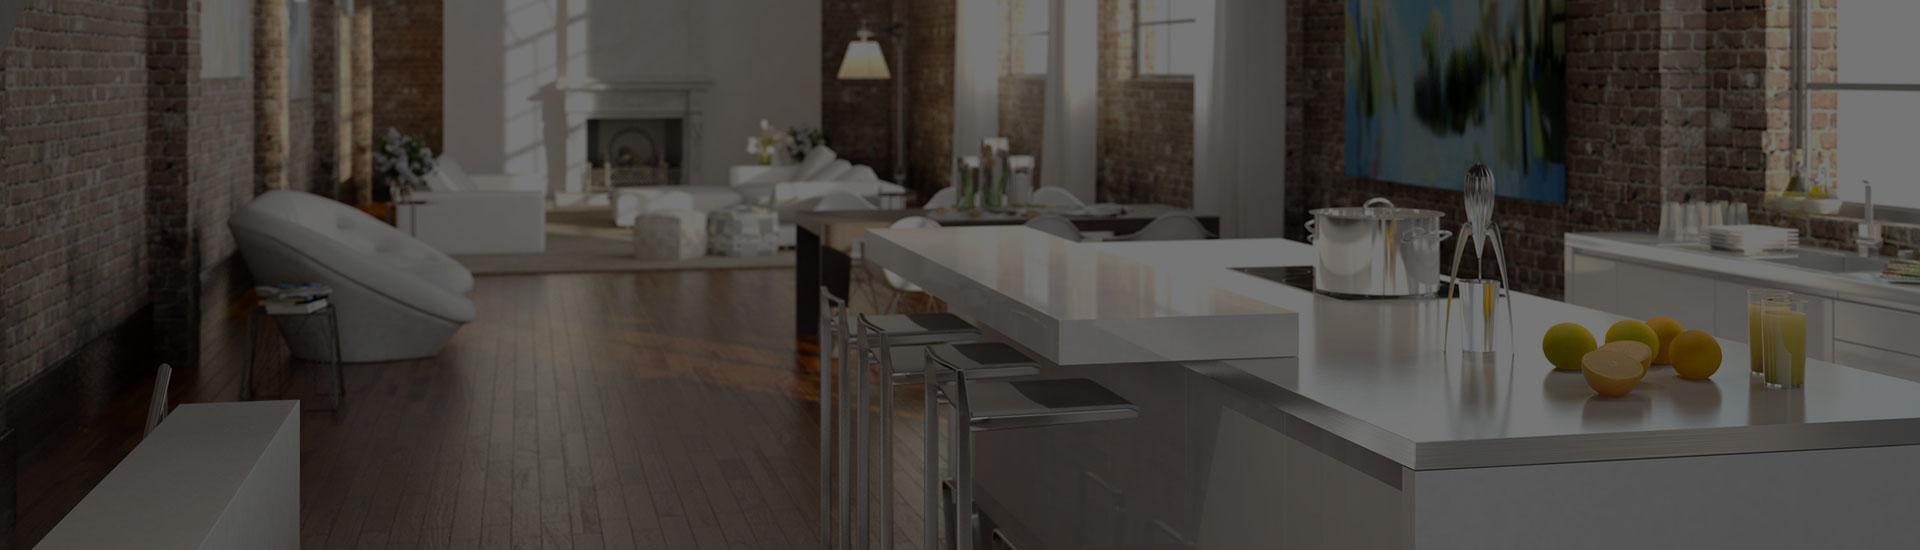 Prodej a pronájem bytů, domů a nemovitostí - MTM Real Service - Slide 2